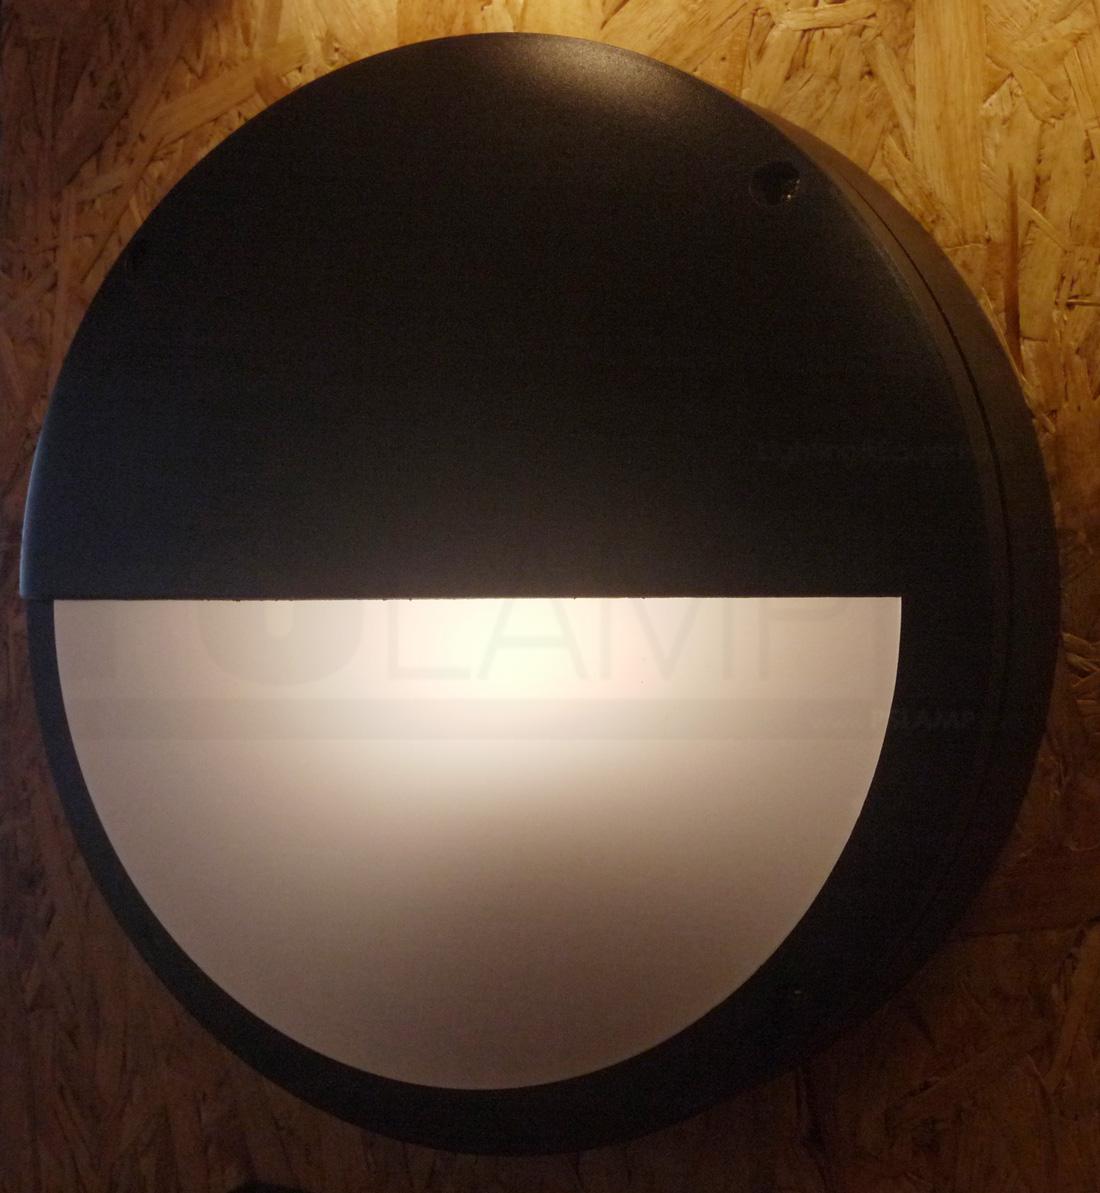 โคมไฟติดผนัง โคมไฟผนัง โคมไฟภายนอก โคมไฟหัวเสา CIRWALL-C